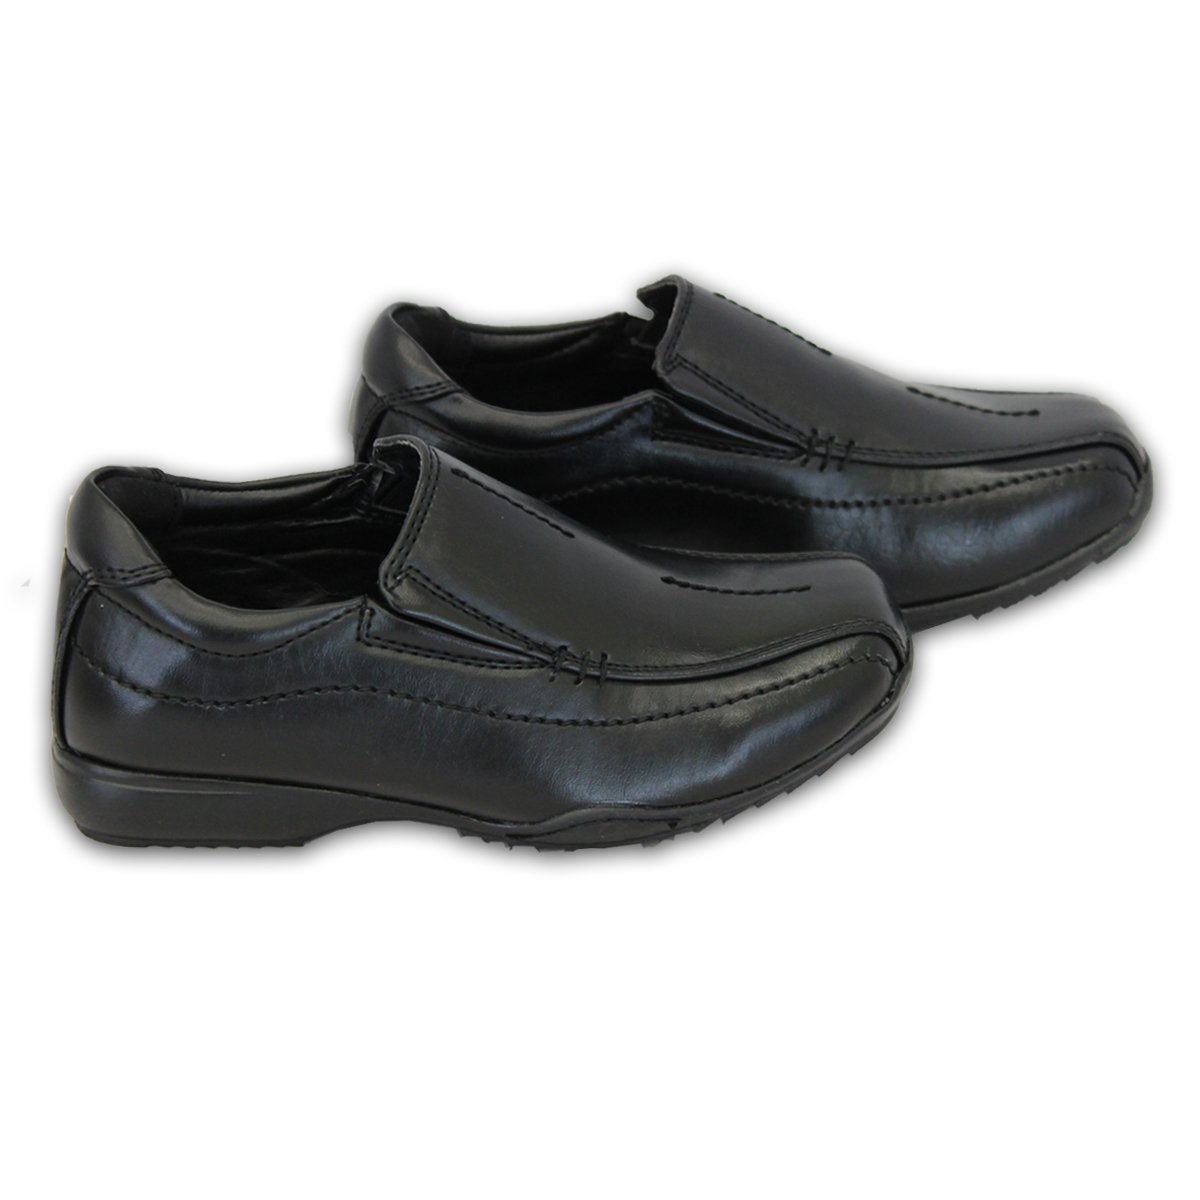 d9af8e5d8 Niño Escuela Zapatos Negros Los Niños Pequeños Mocasines De Vestir  Inteligentes Boda Casual Nuevo CLIPPERB - Negro